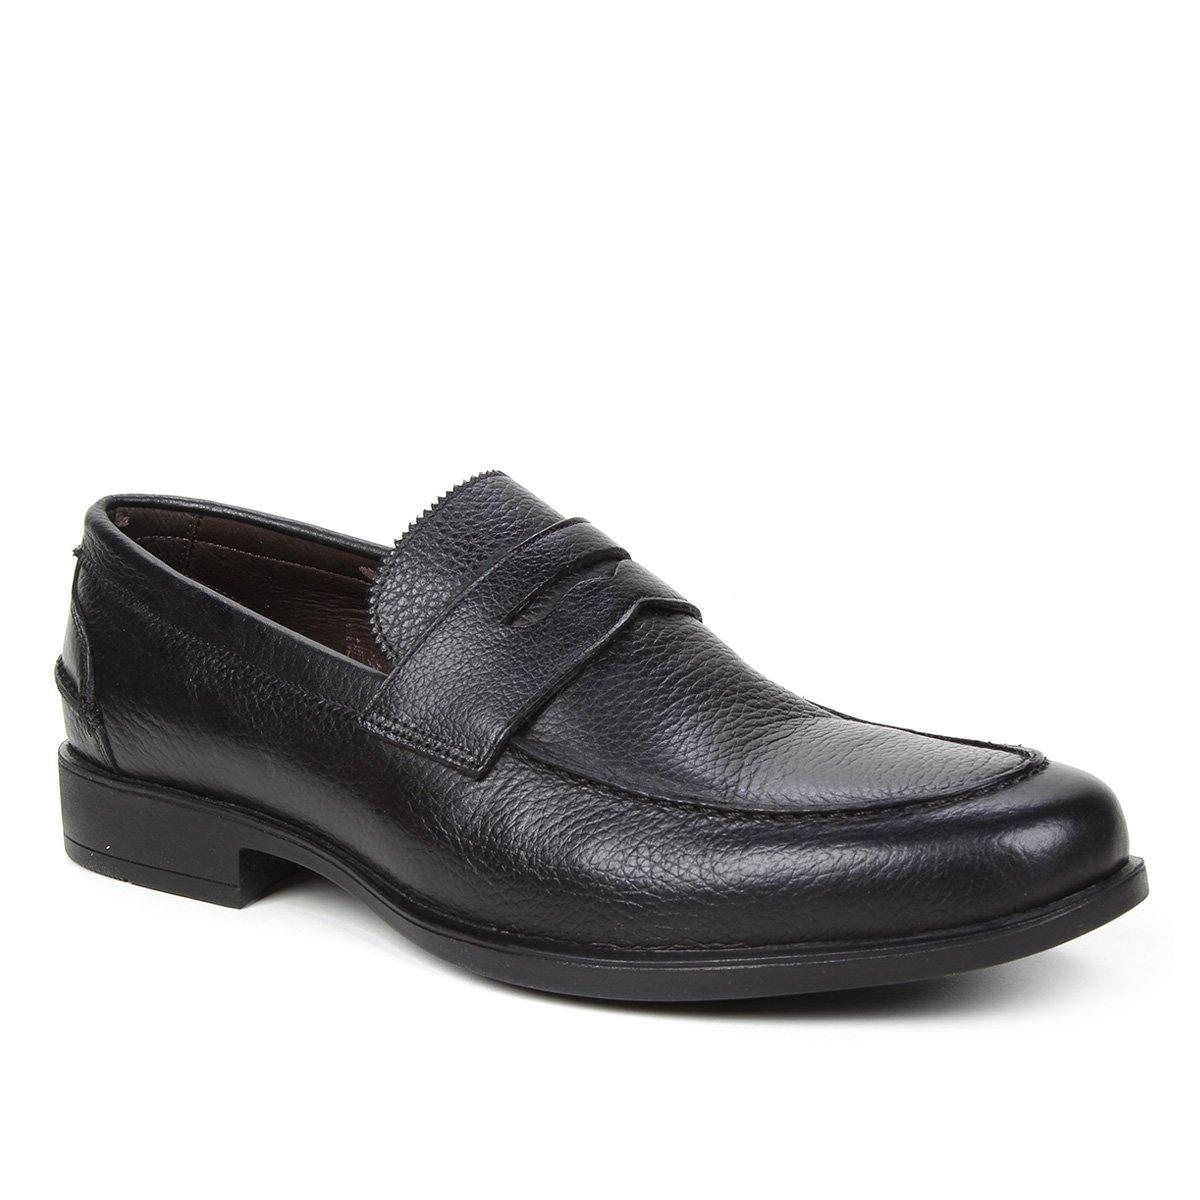 Sapato Social Couro Shoestock Gravata Masculino